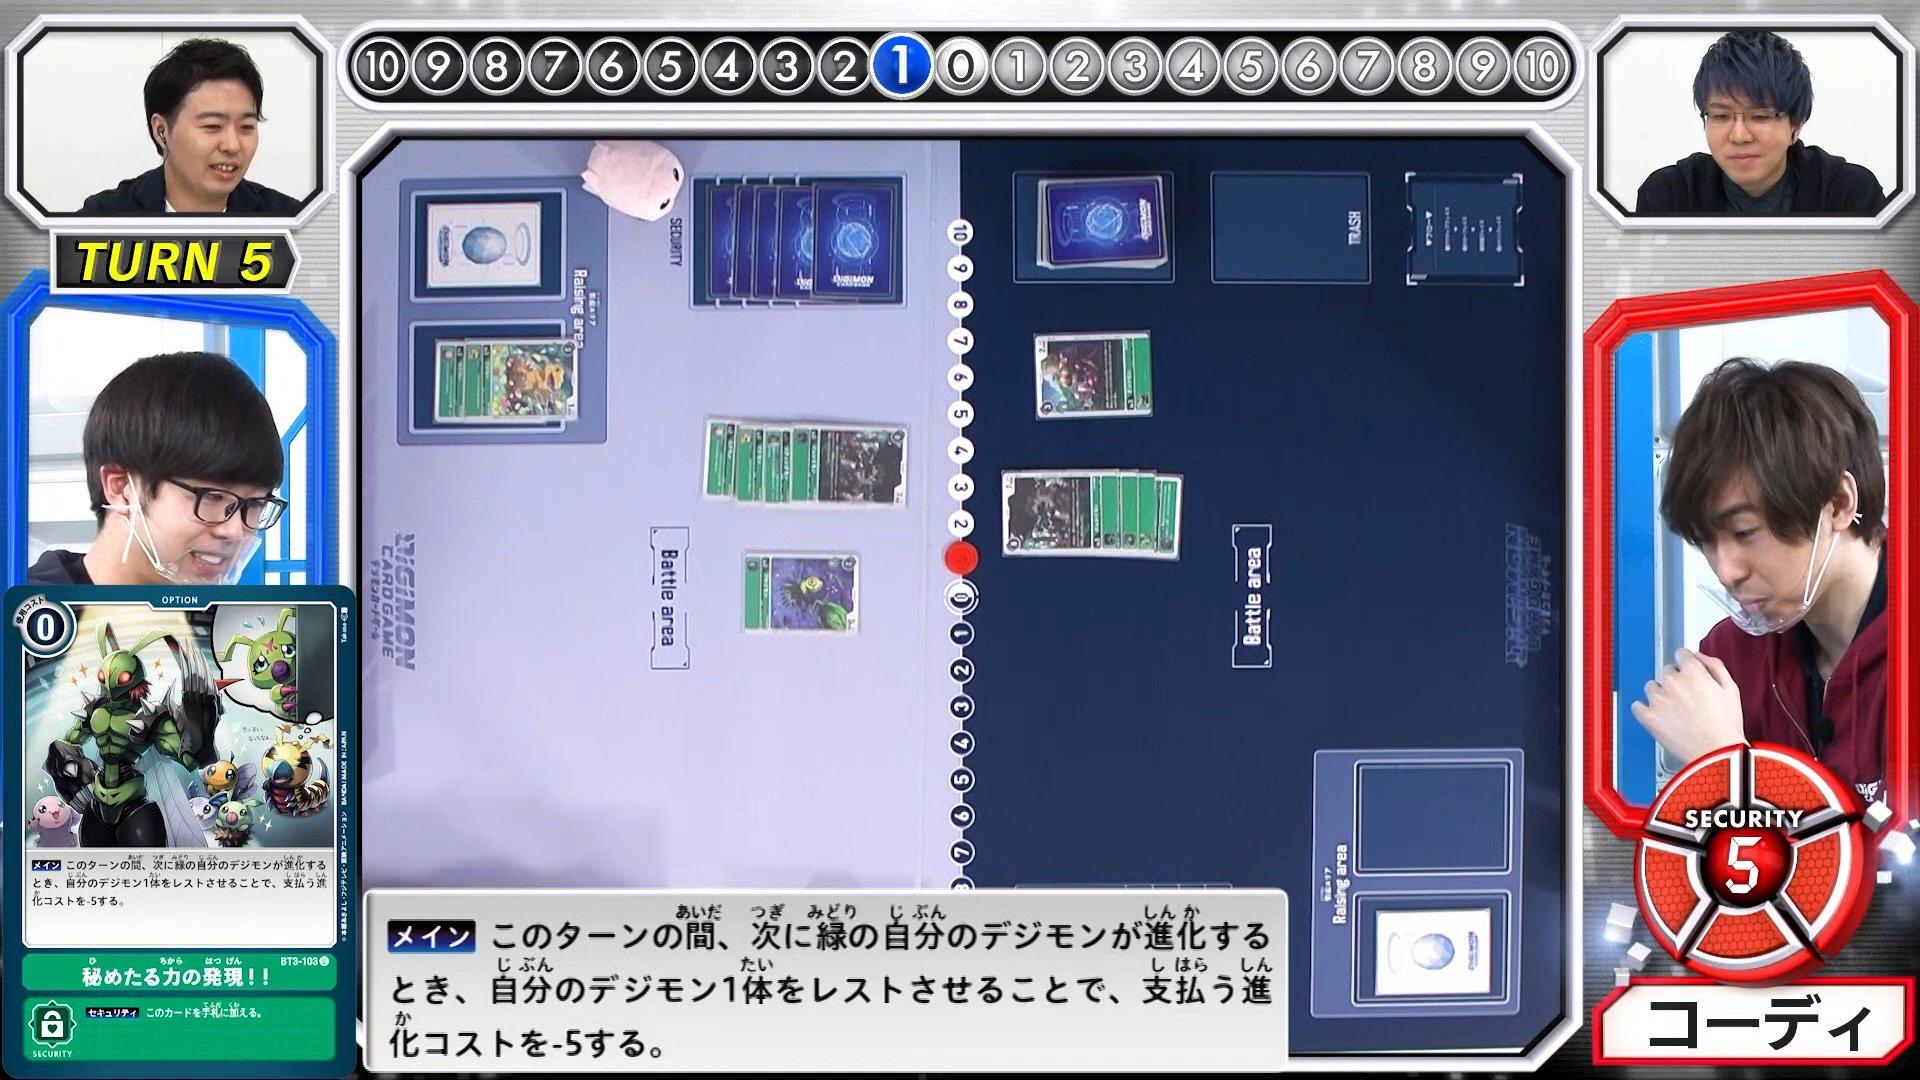 digimoncardbattle_v2_13_07_january7_2021.jpg